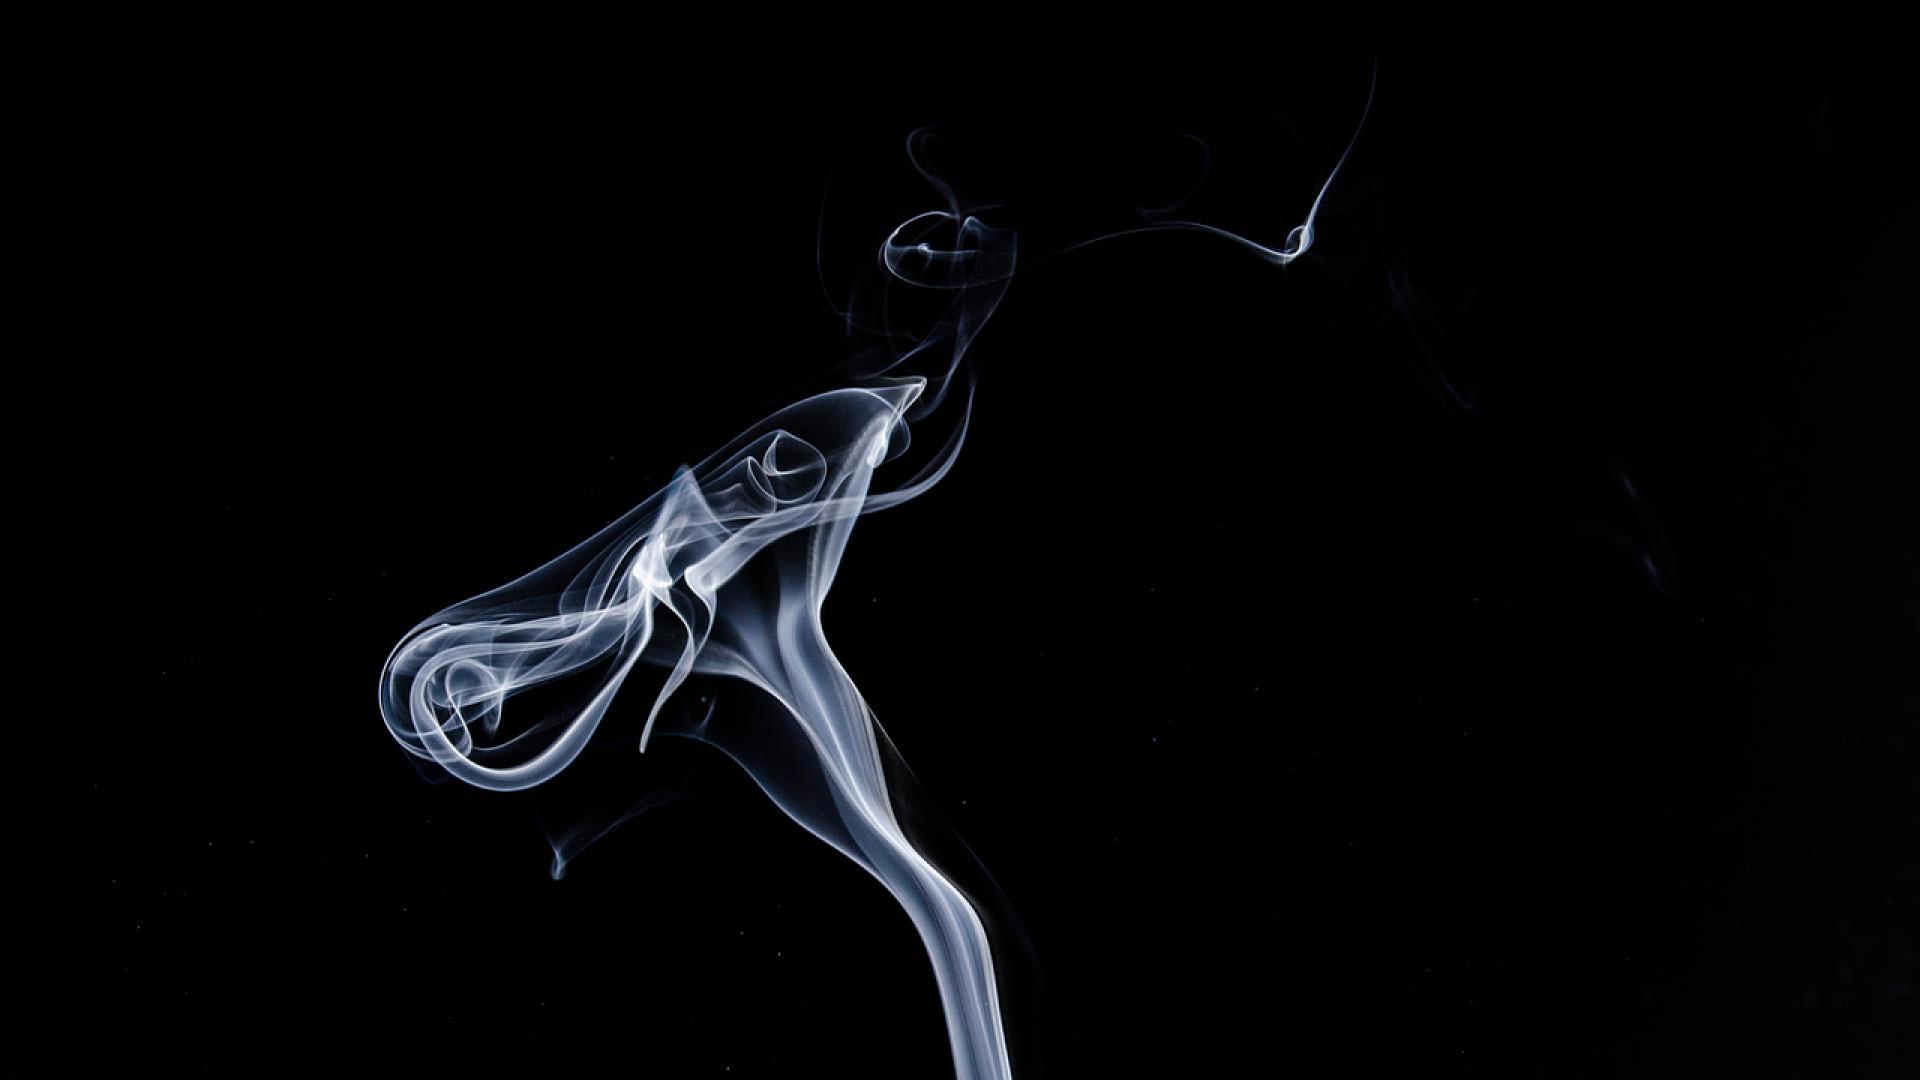 larret-tabac-moyens-et-bienfaits-sante.png